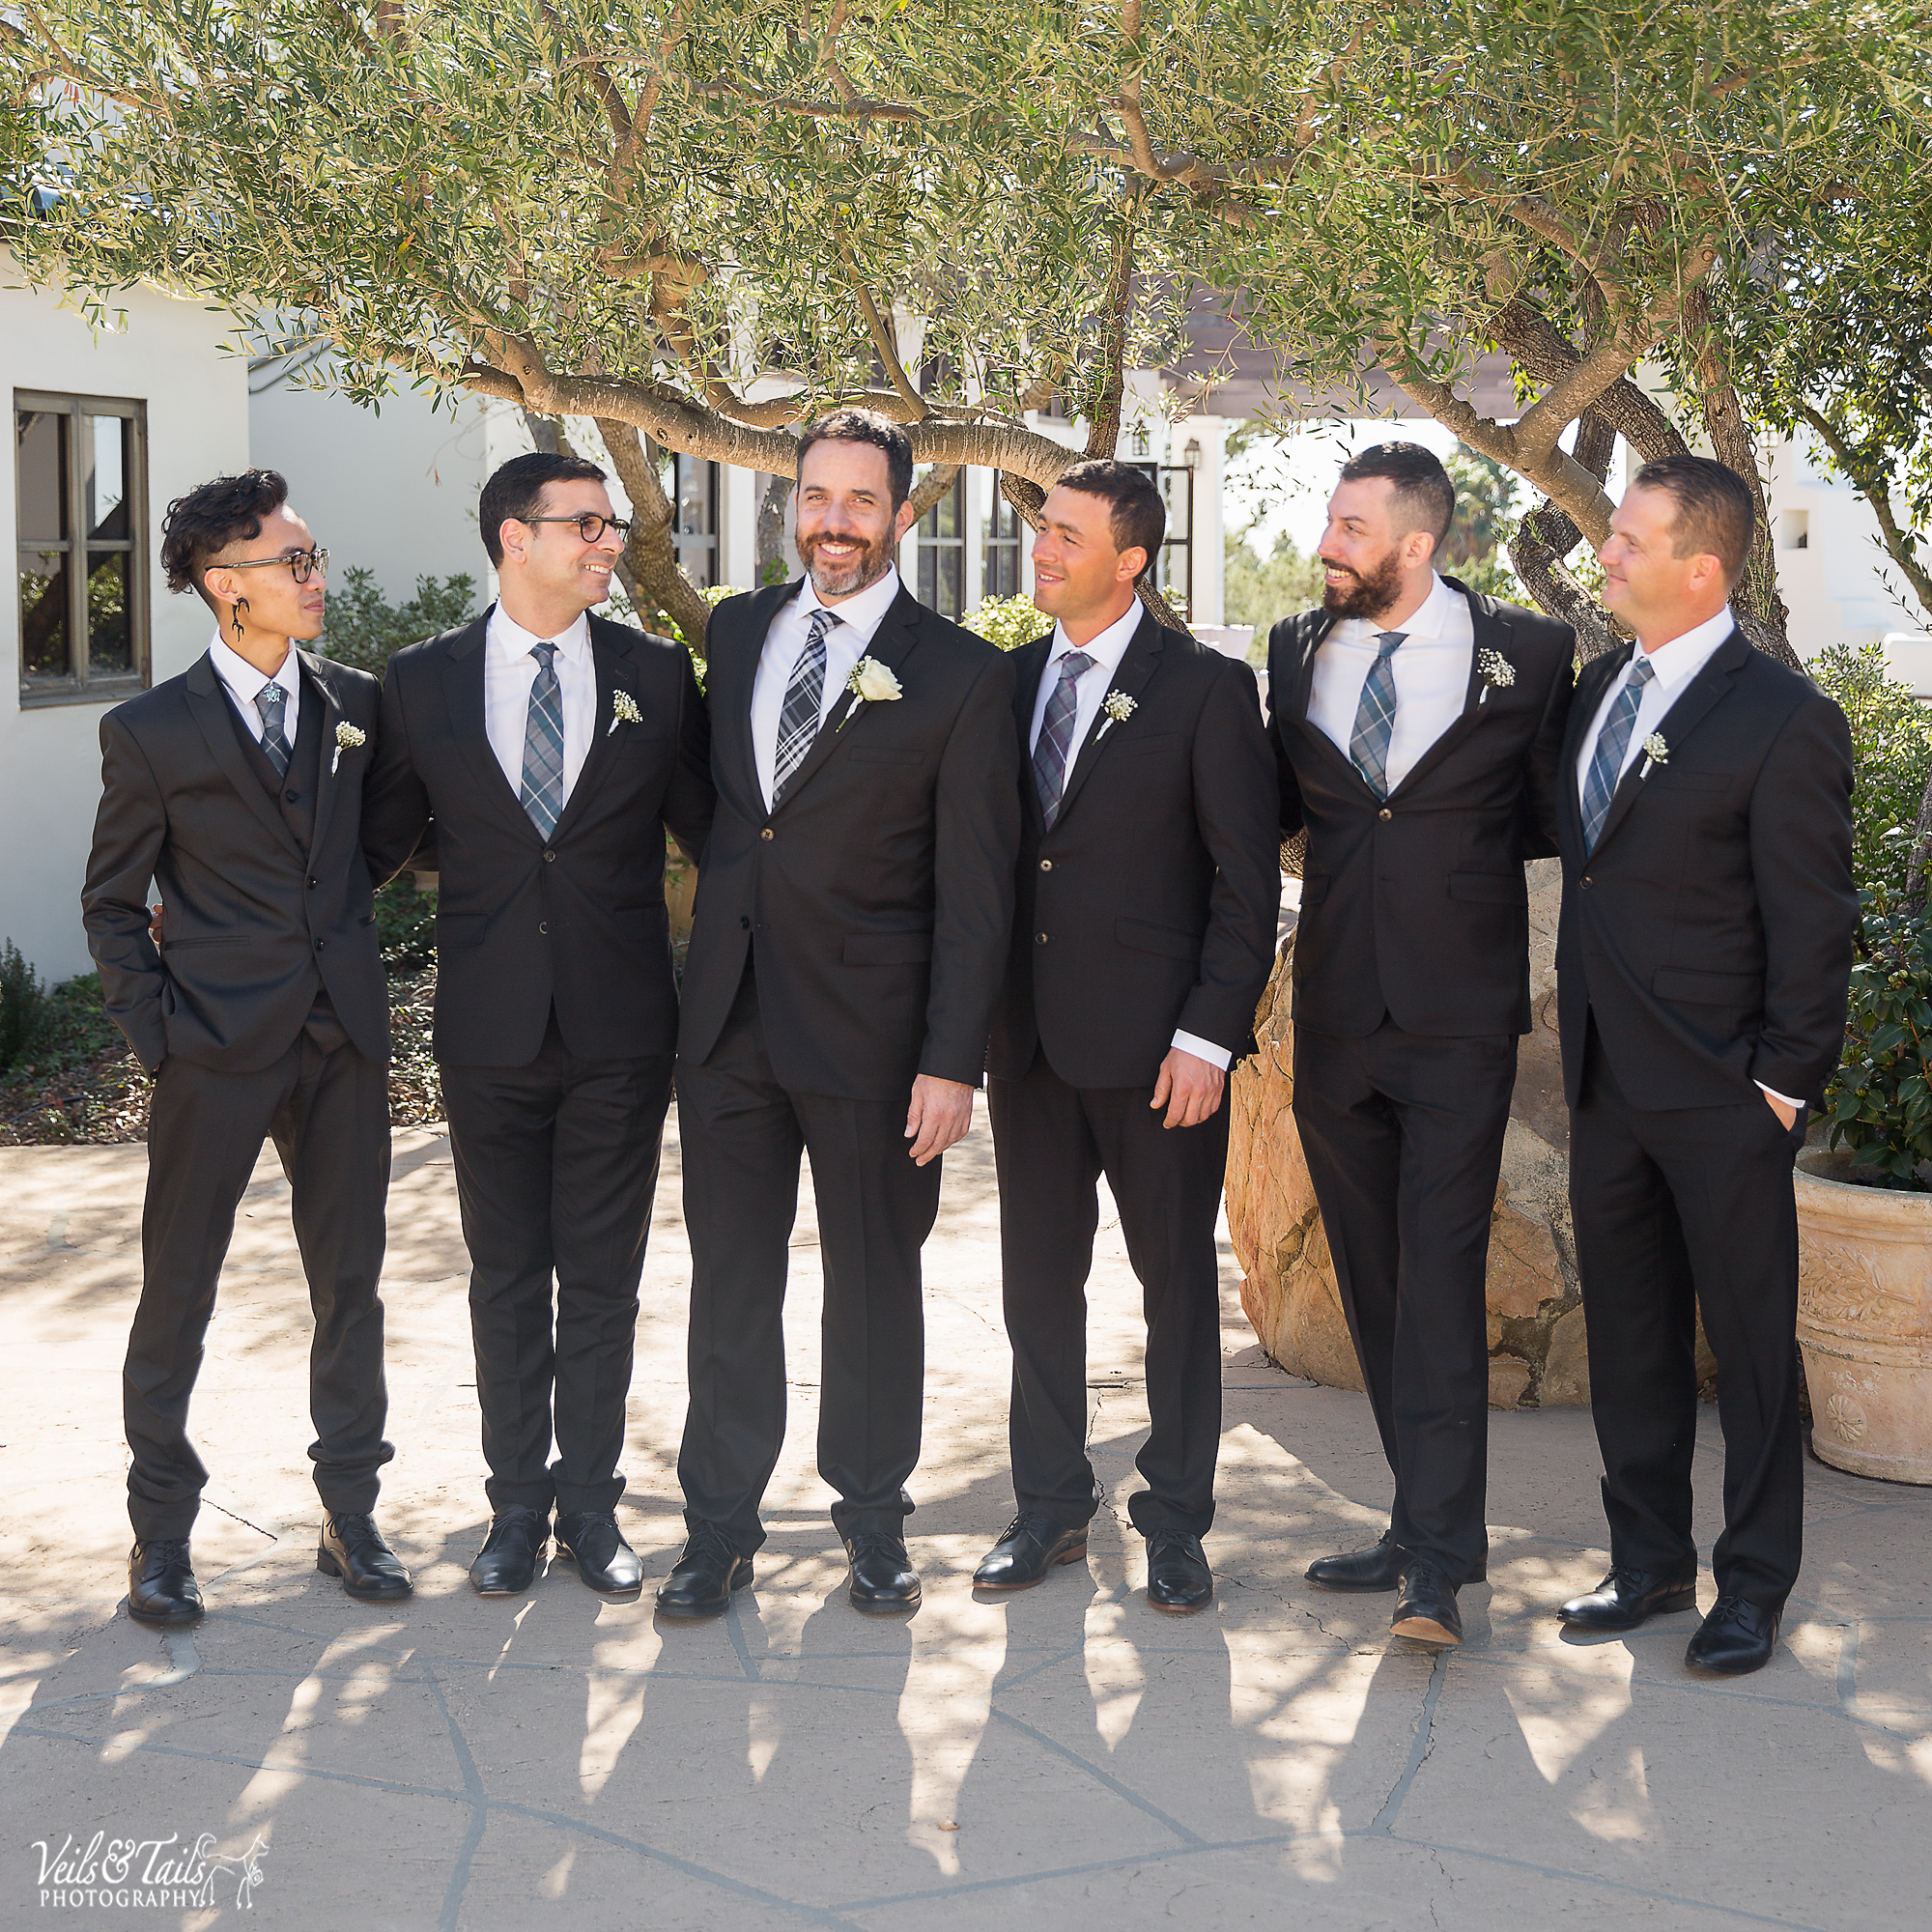 groomsmen with purple ties